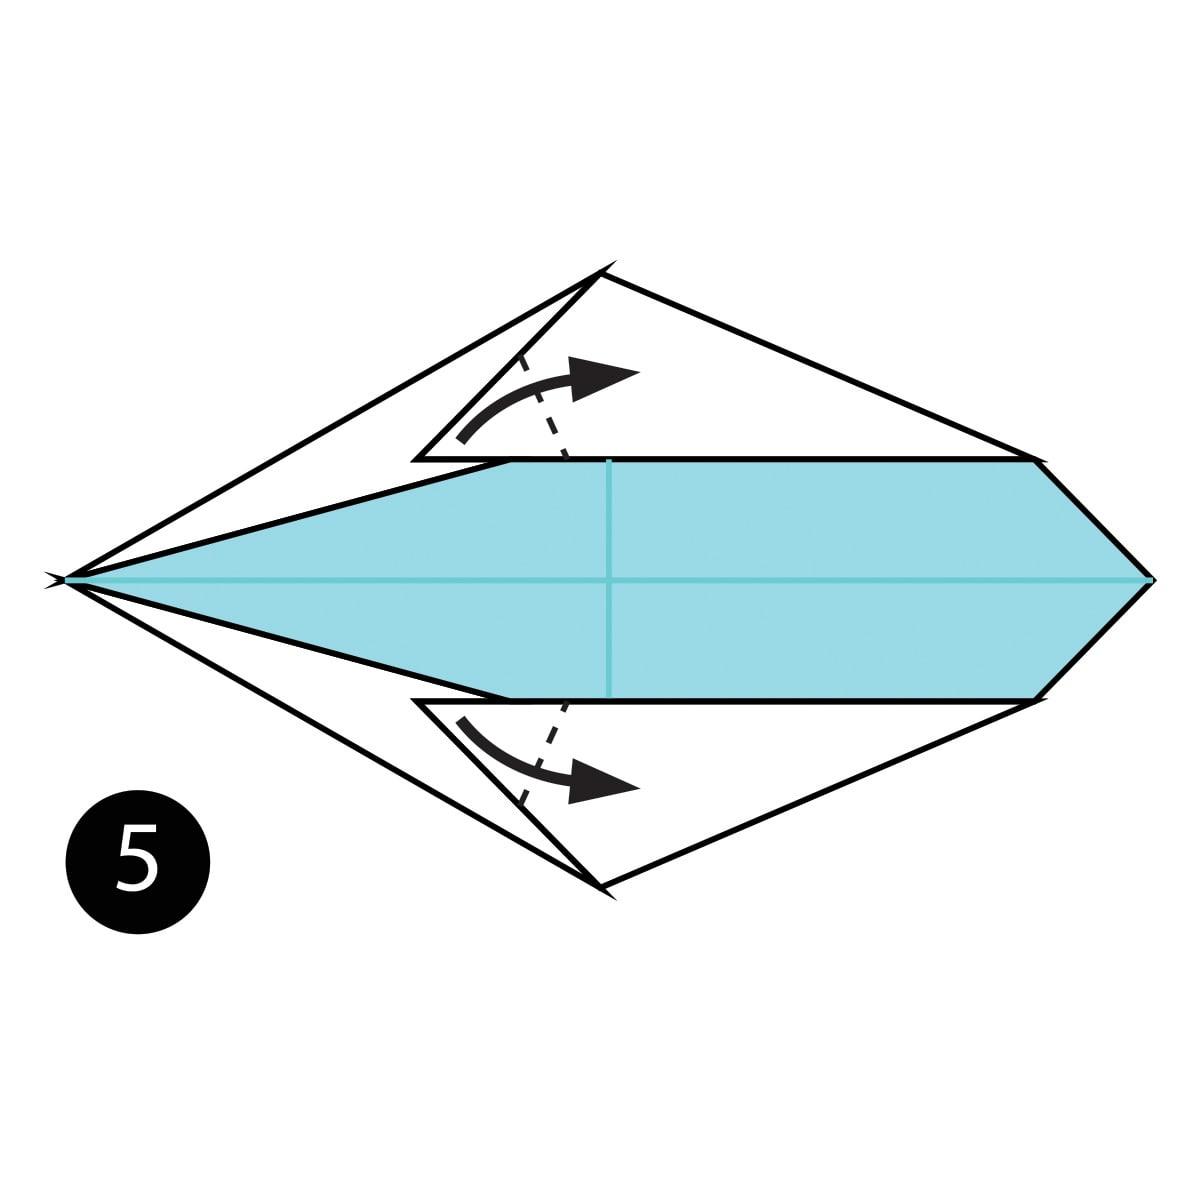 Blowfish Step 5